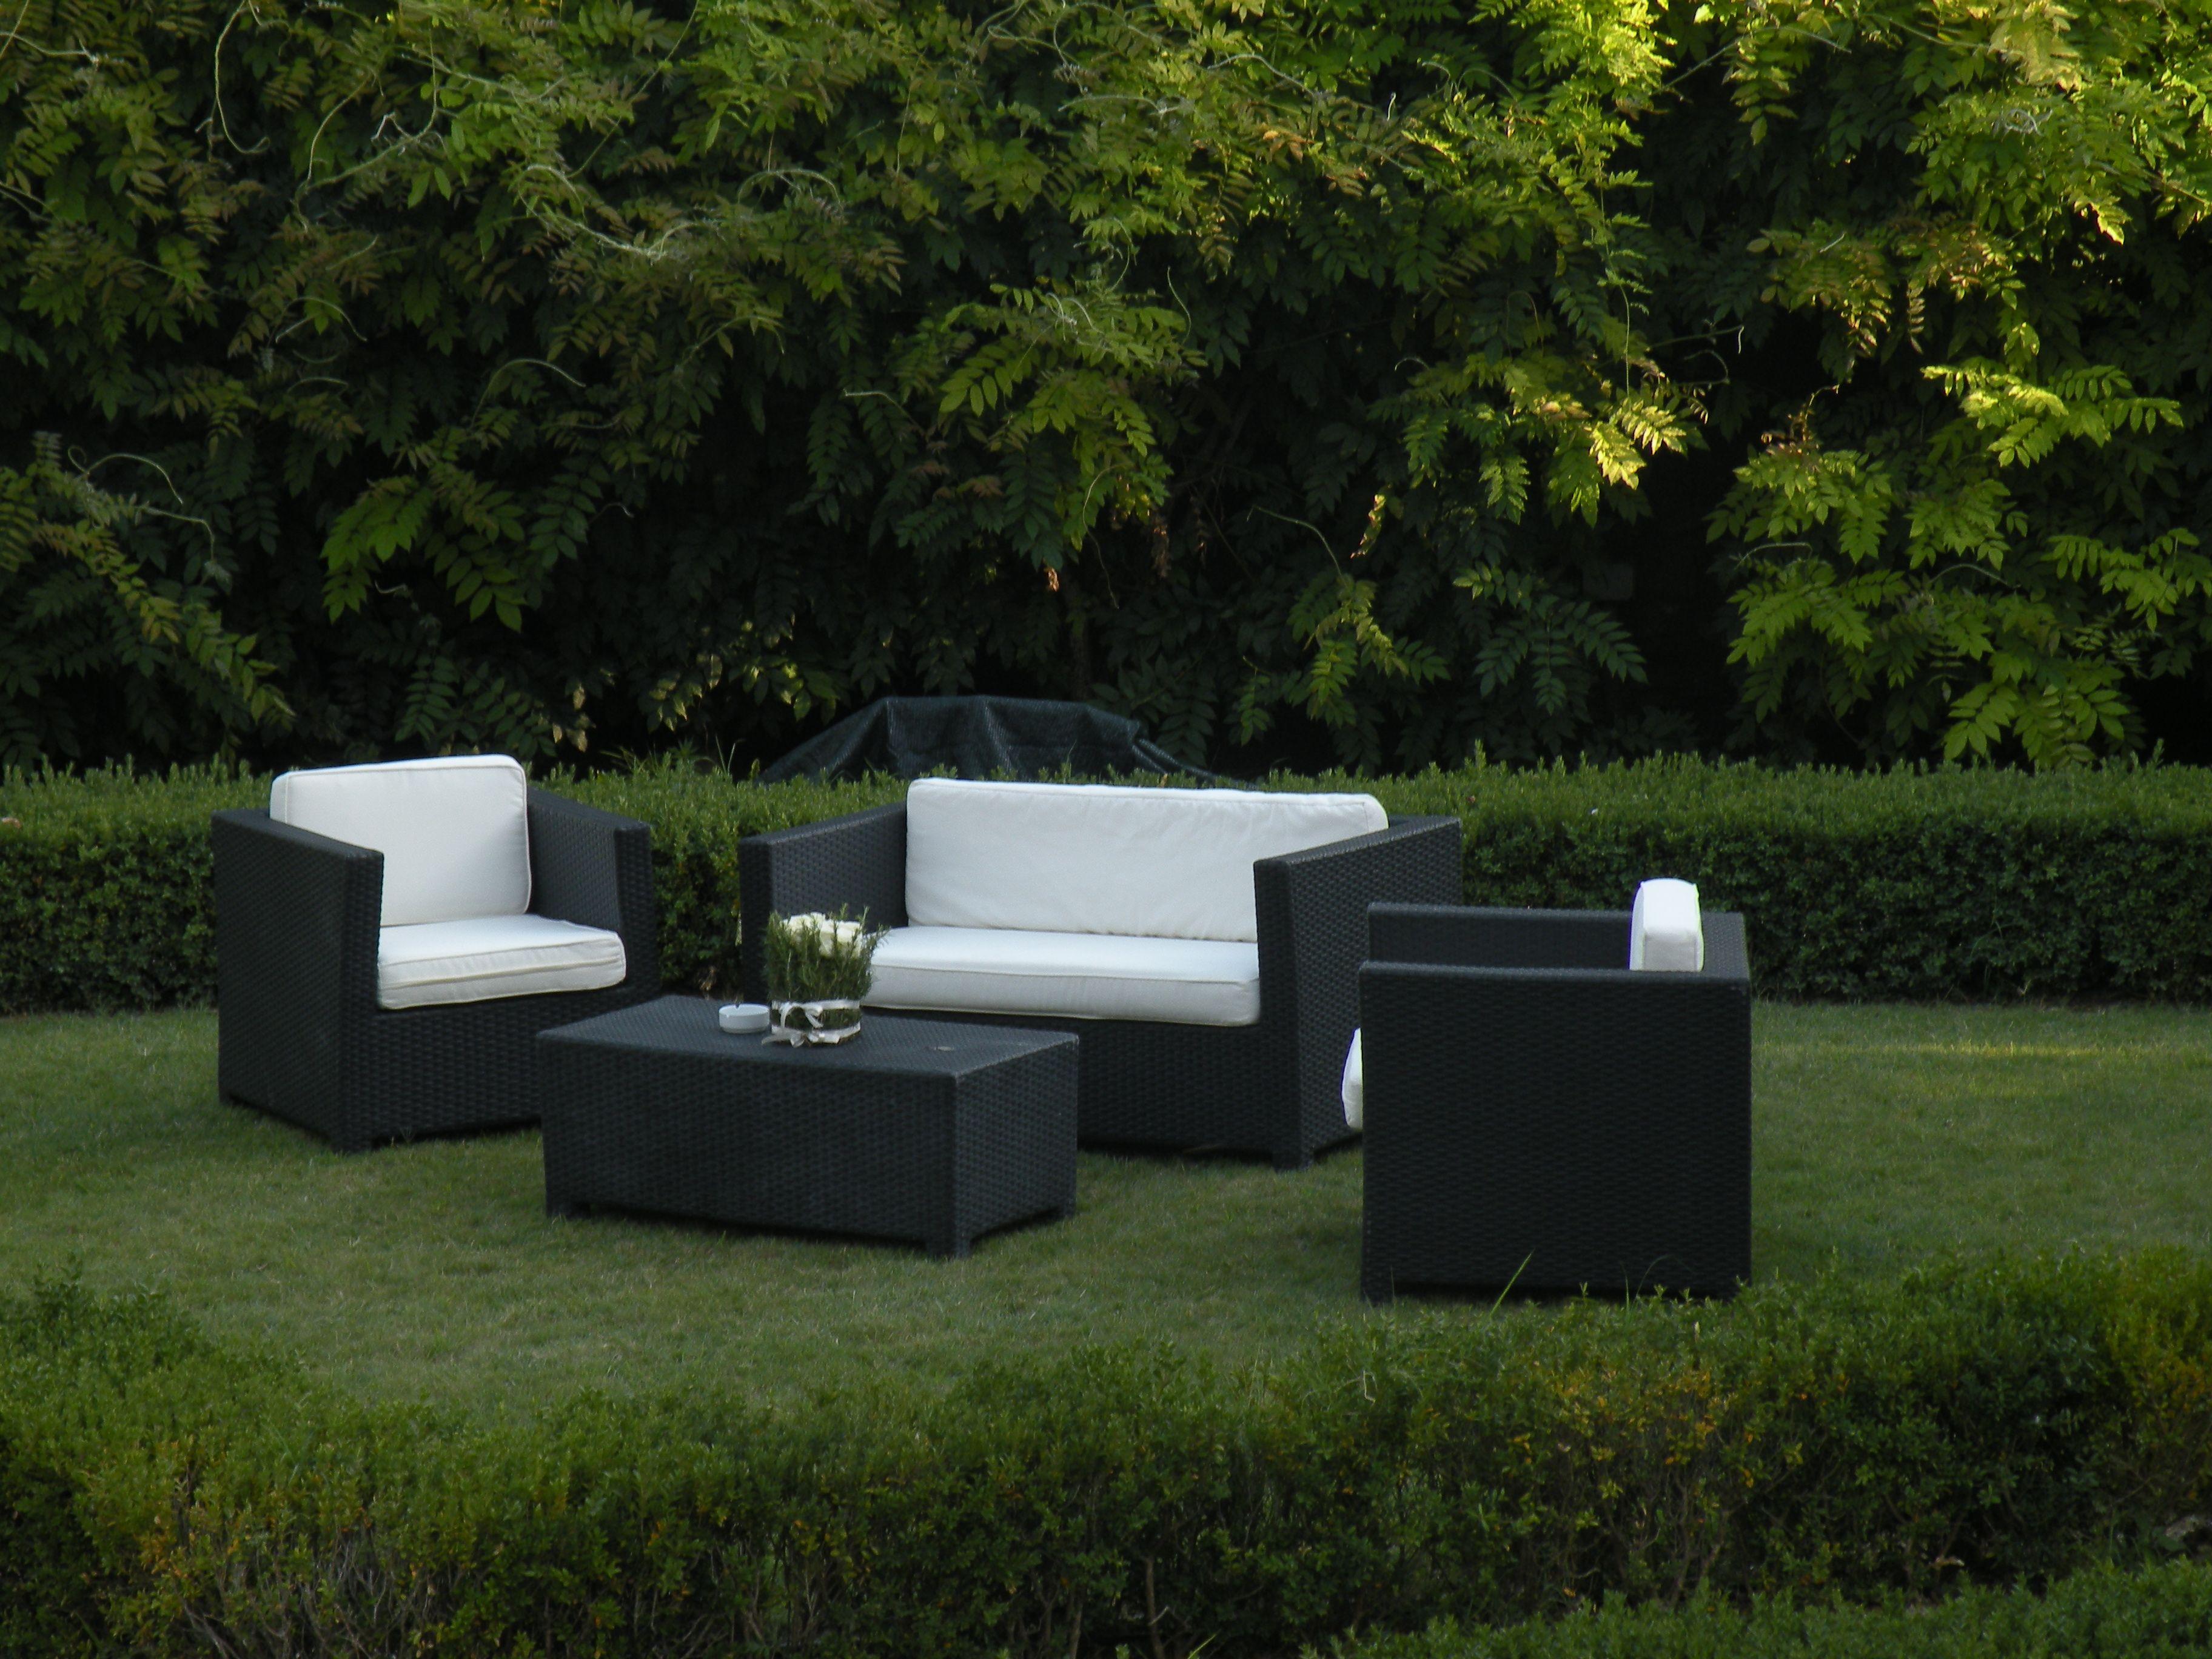 Black fusion Lounge or garden furniture / Salottino Fusion Nero per arredamento giardino o lounge #guidilenci All Rights Reserved GUIDI LENCI www.guidilenci.com